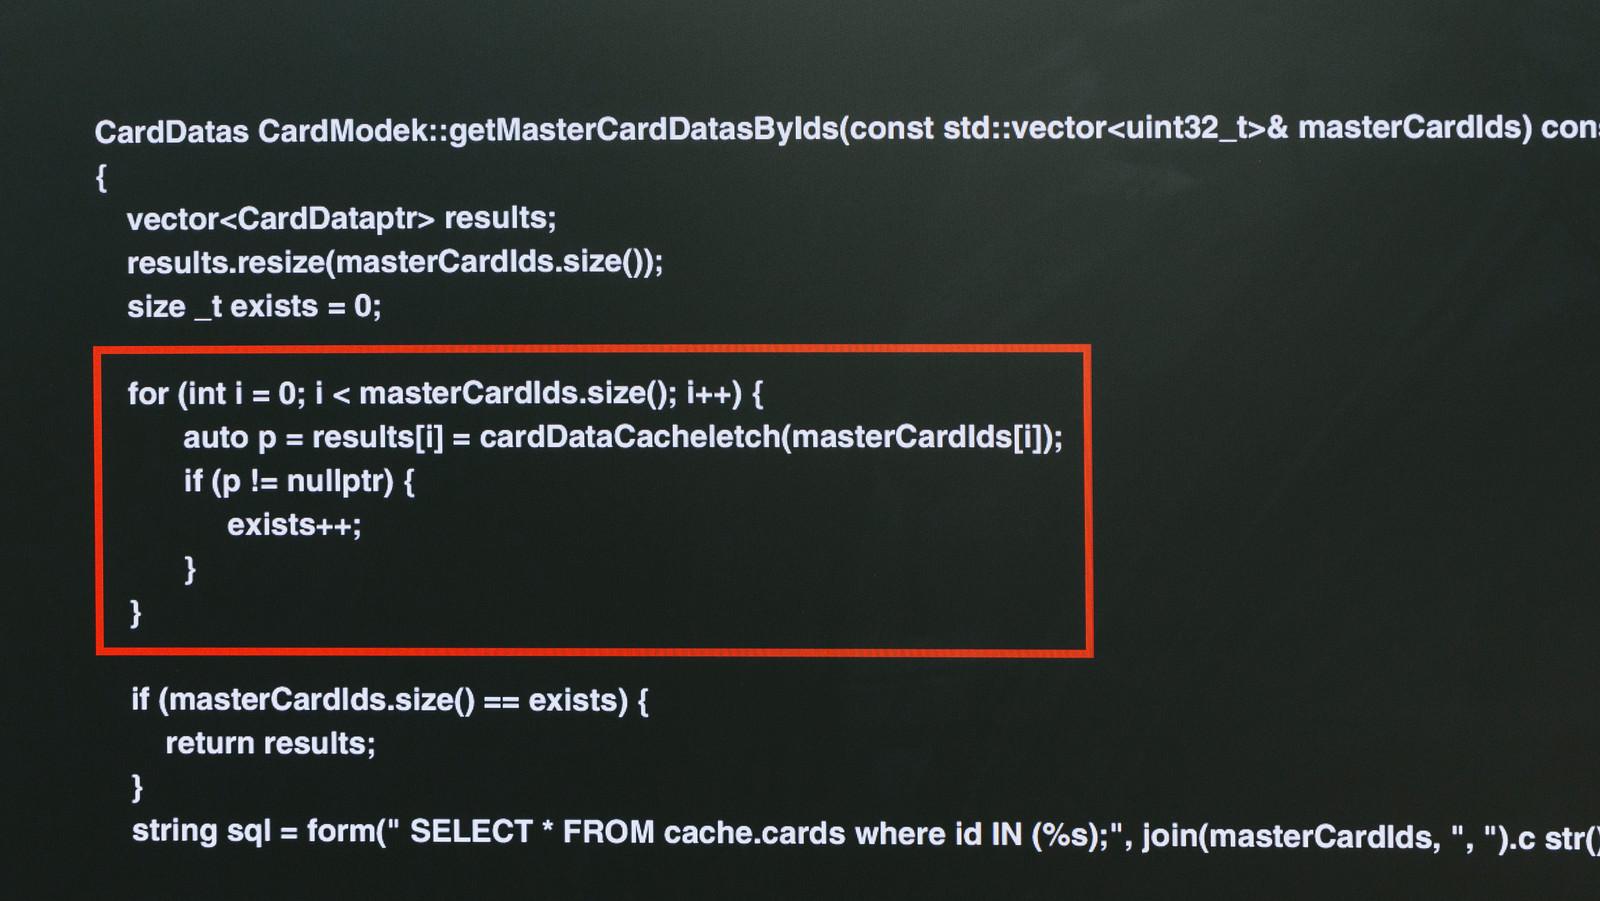 「Dataの複数形はDatasじゃないと指摘されるソースコード」の写真